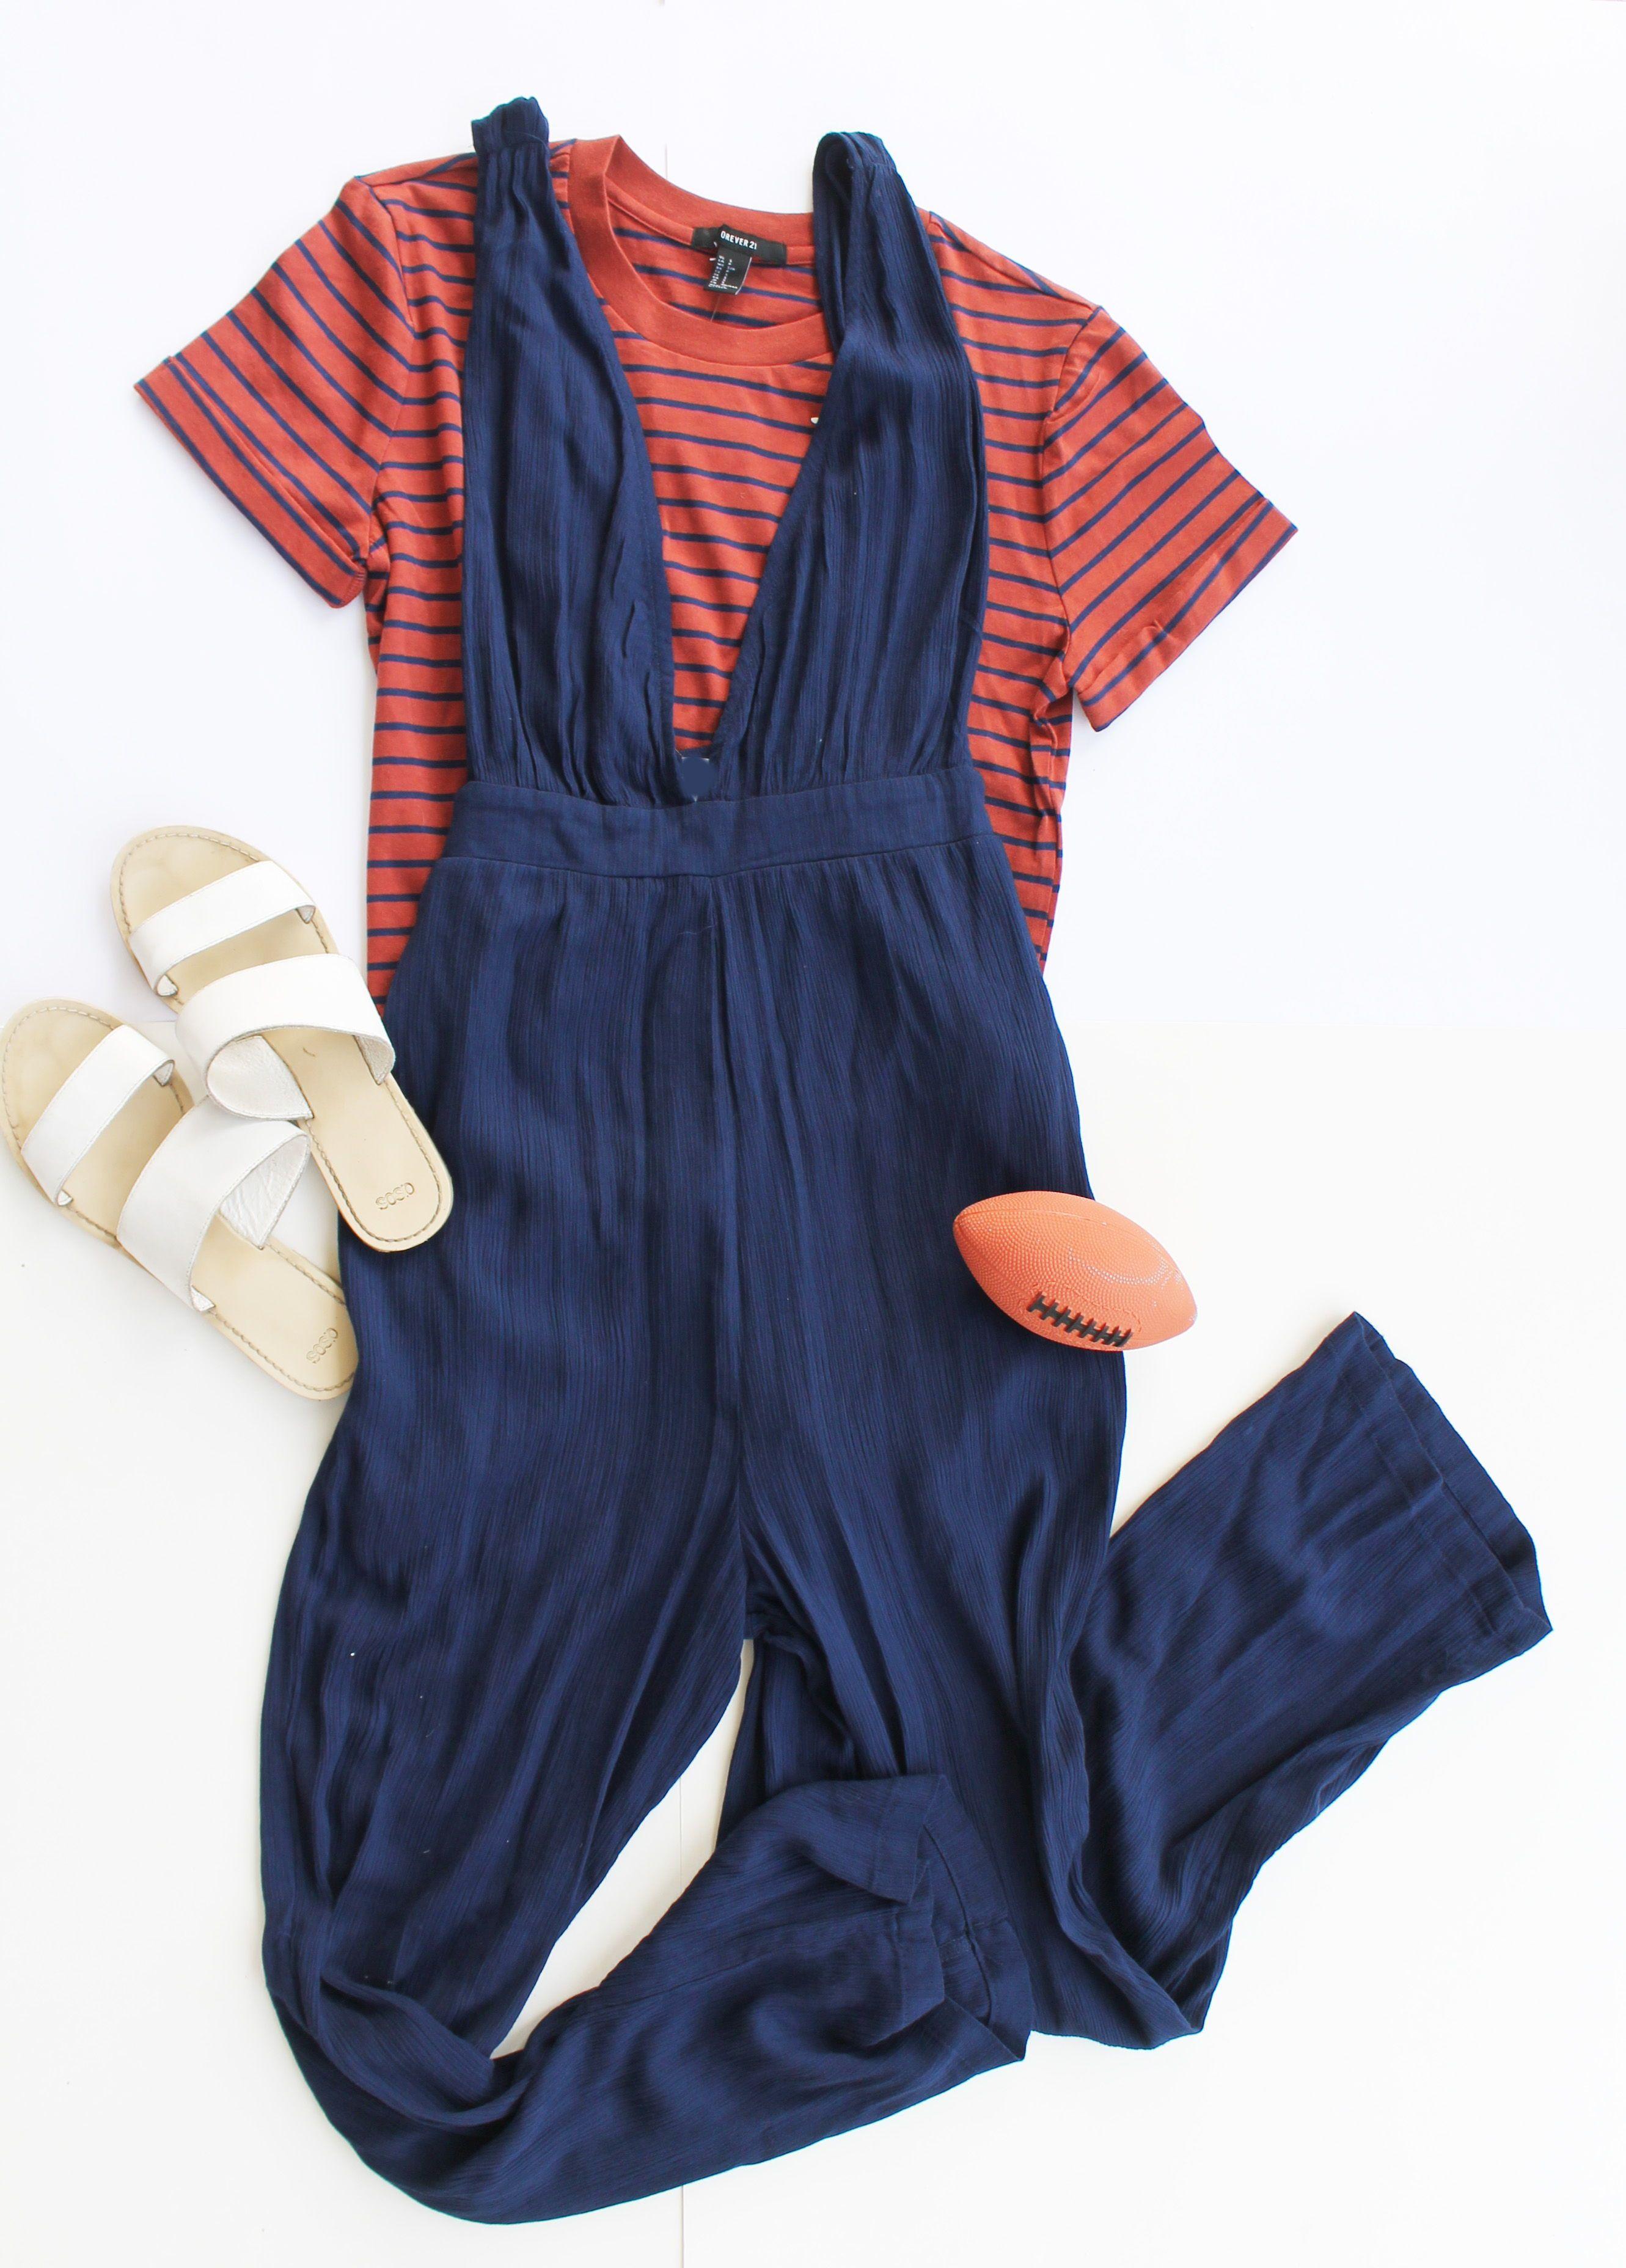 Game stylish day clothing photos